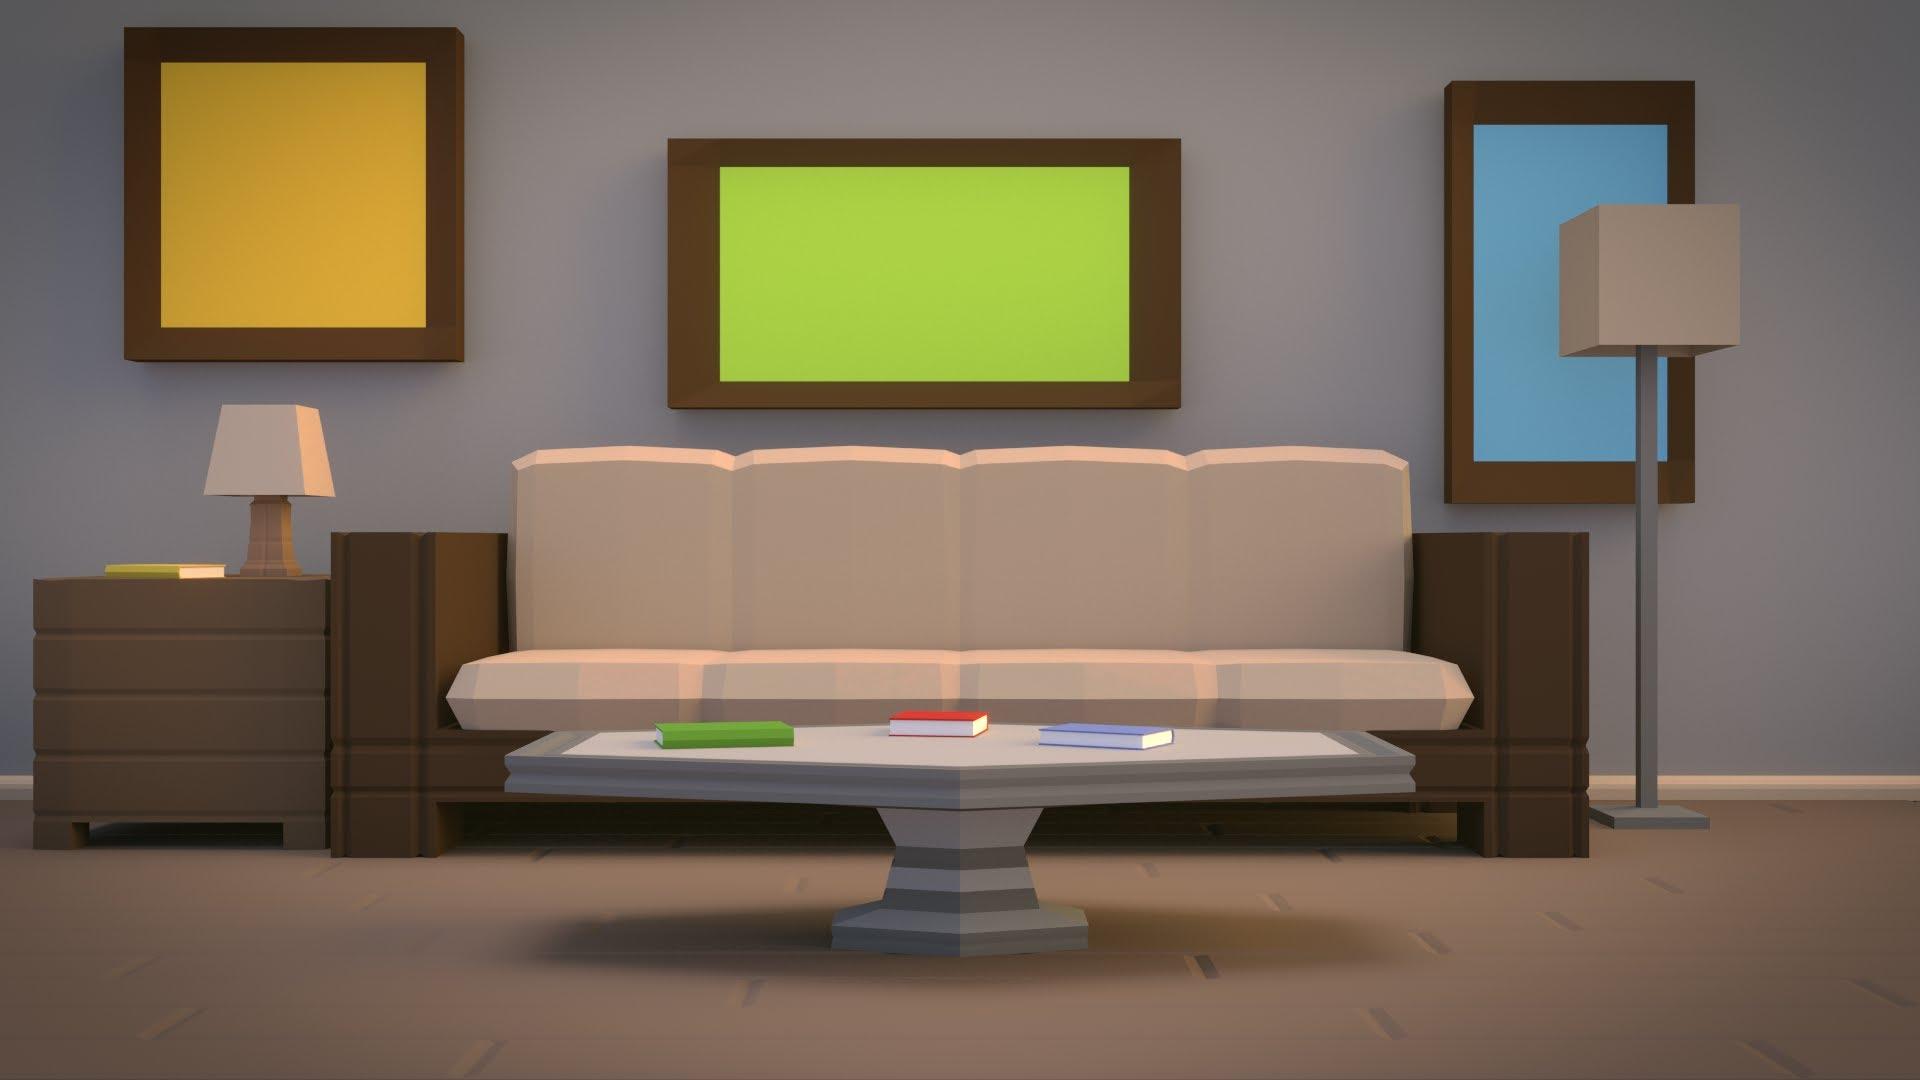 Architecture interior design jobs in dubai uae - Interior decorating jobs dallas tx ...